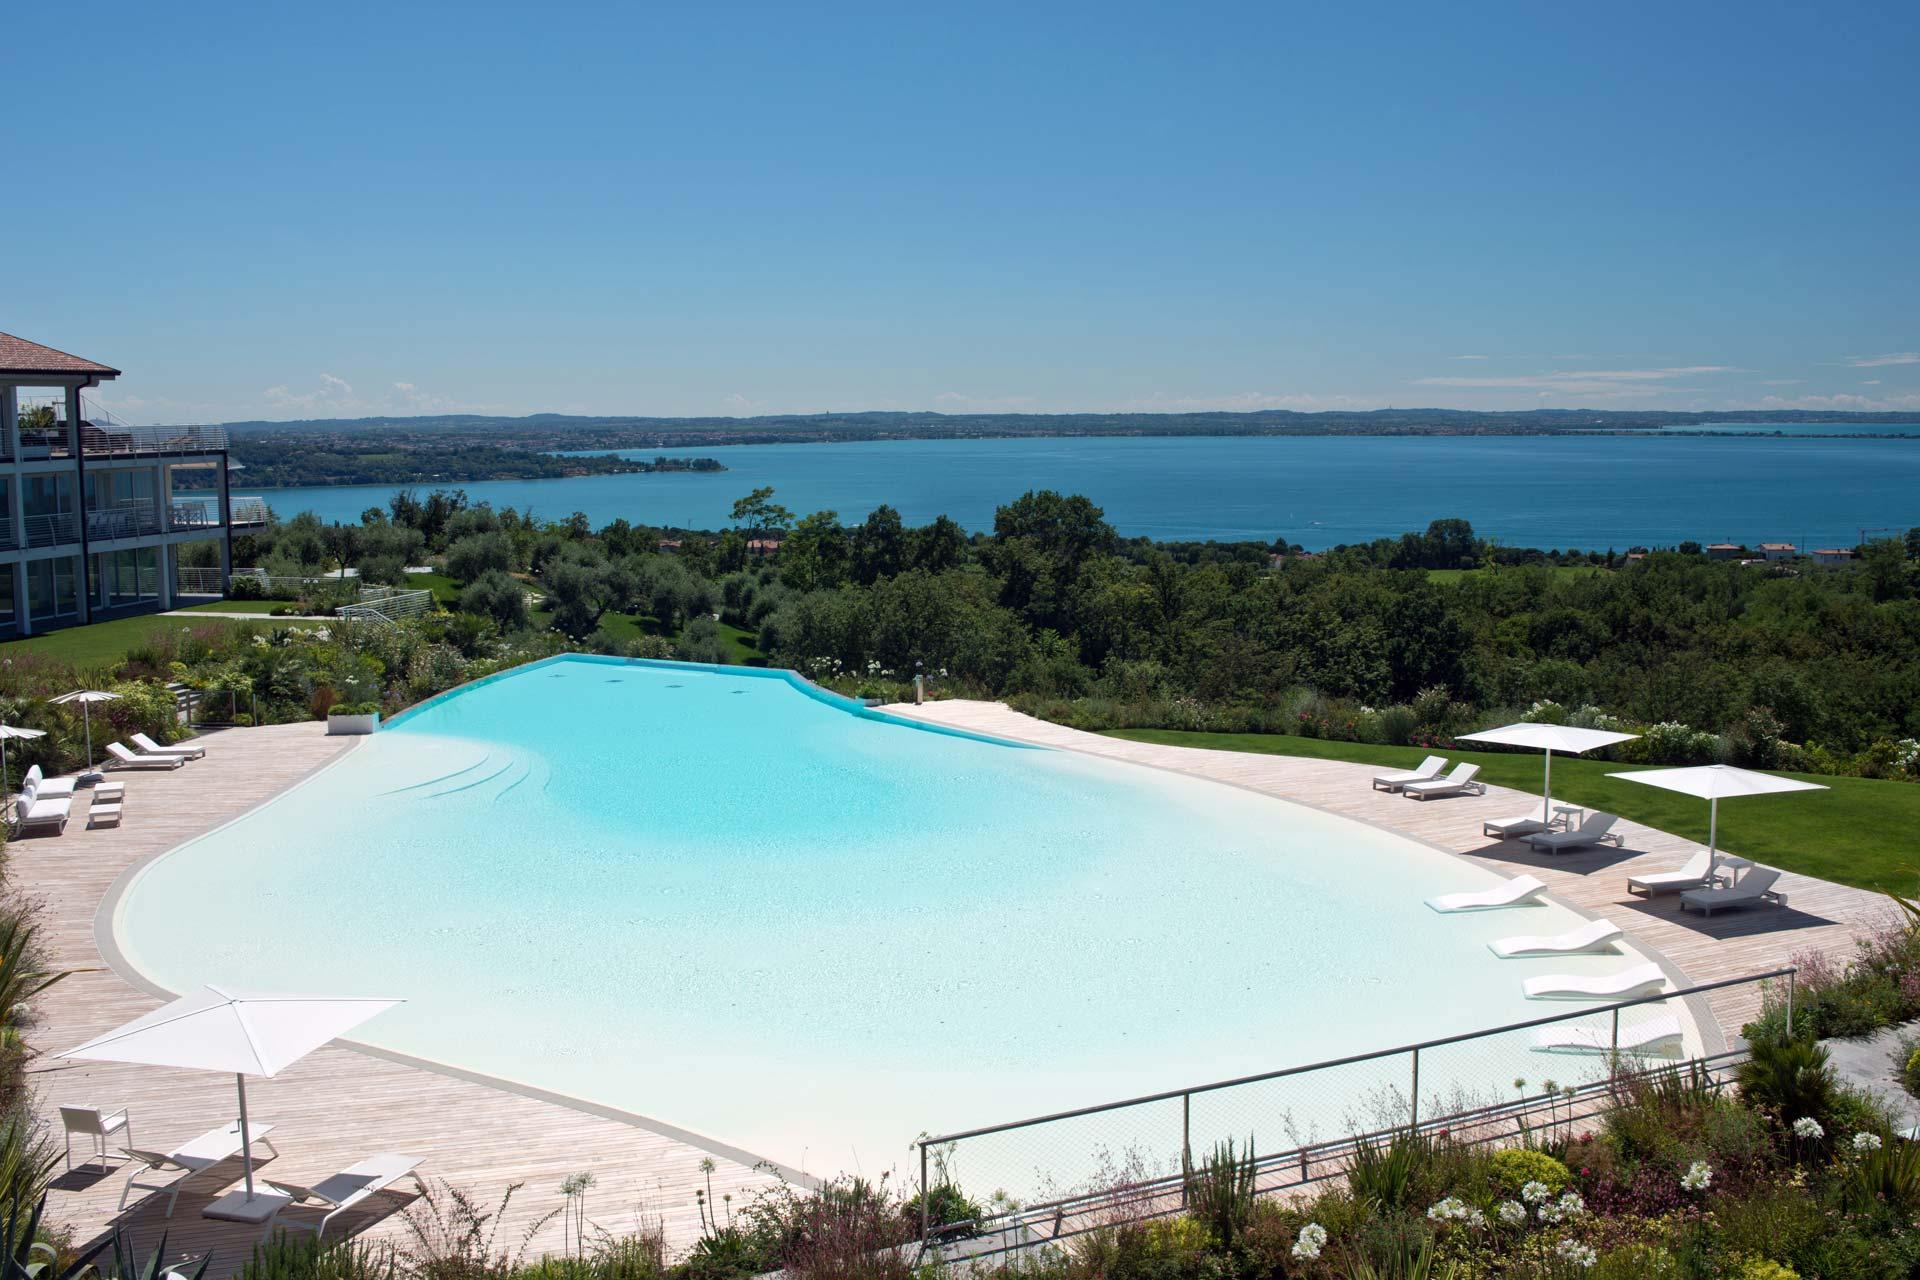 Foto Di Ville Lussuose ville di lusso sul lago di garda |grei geminian real estate